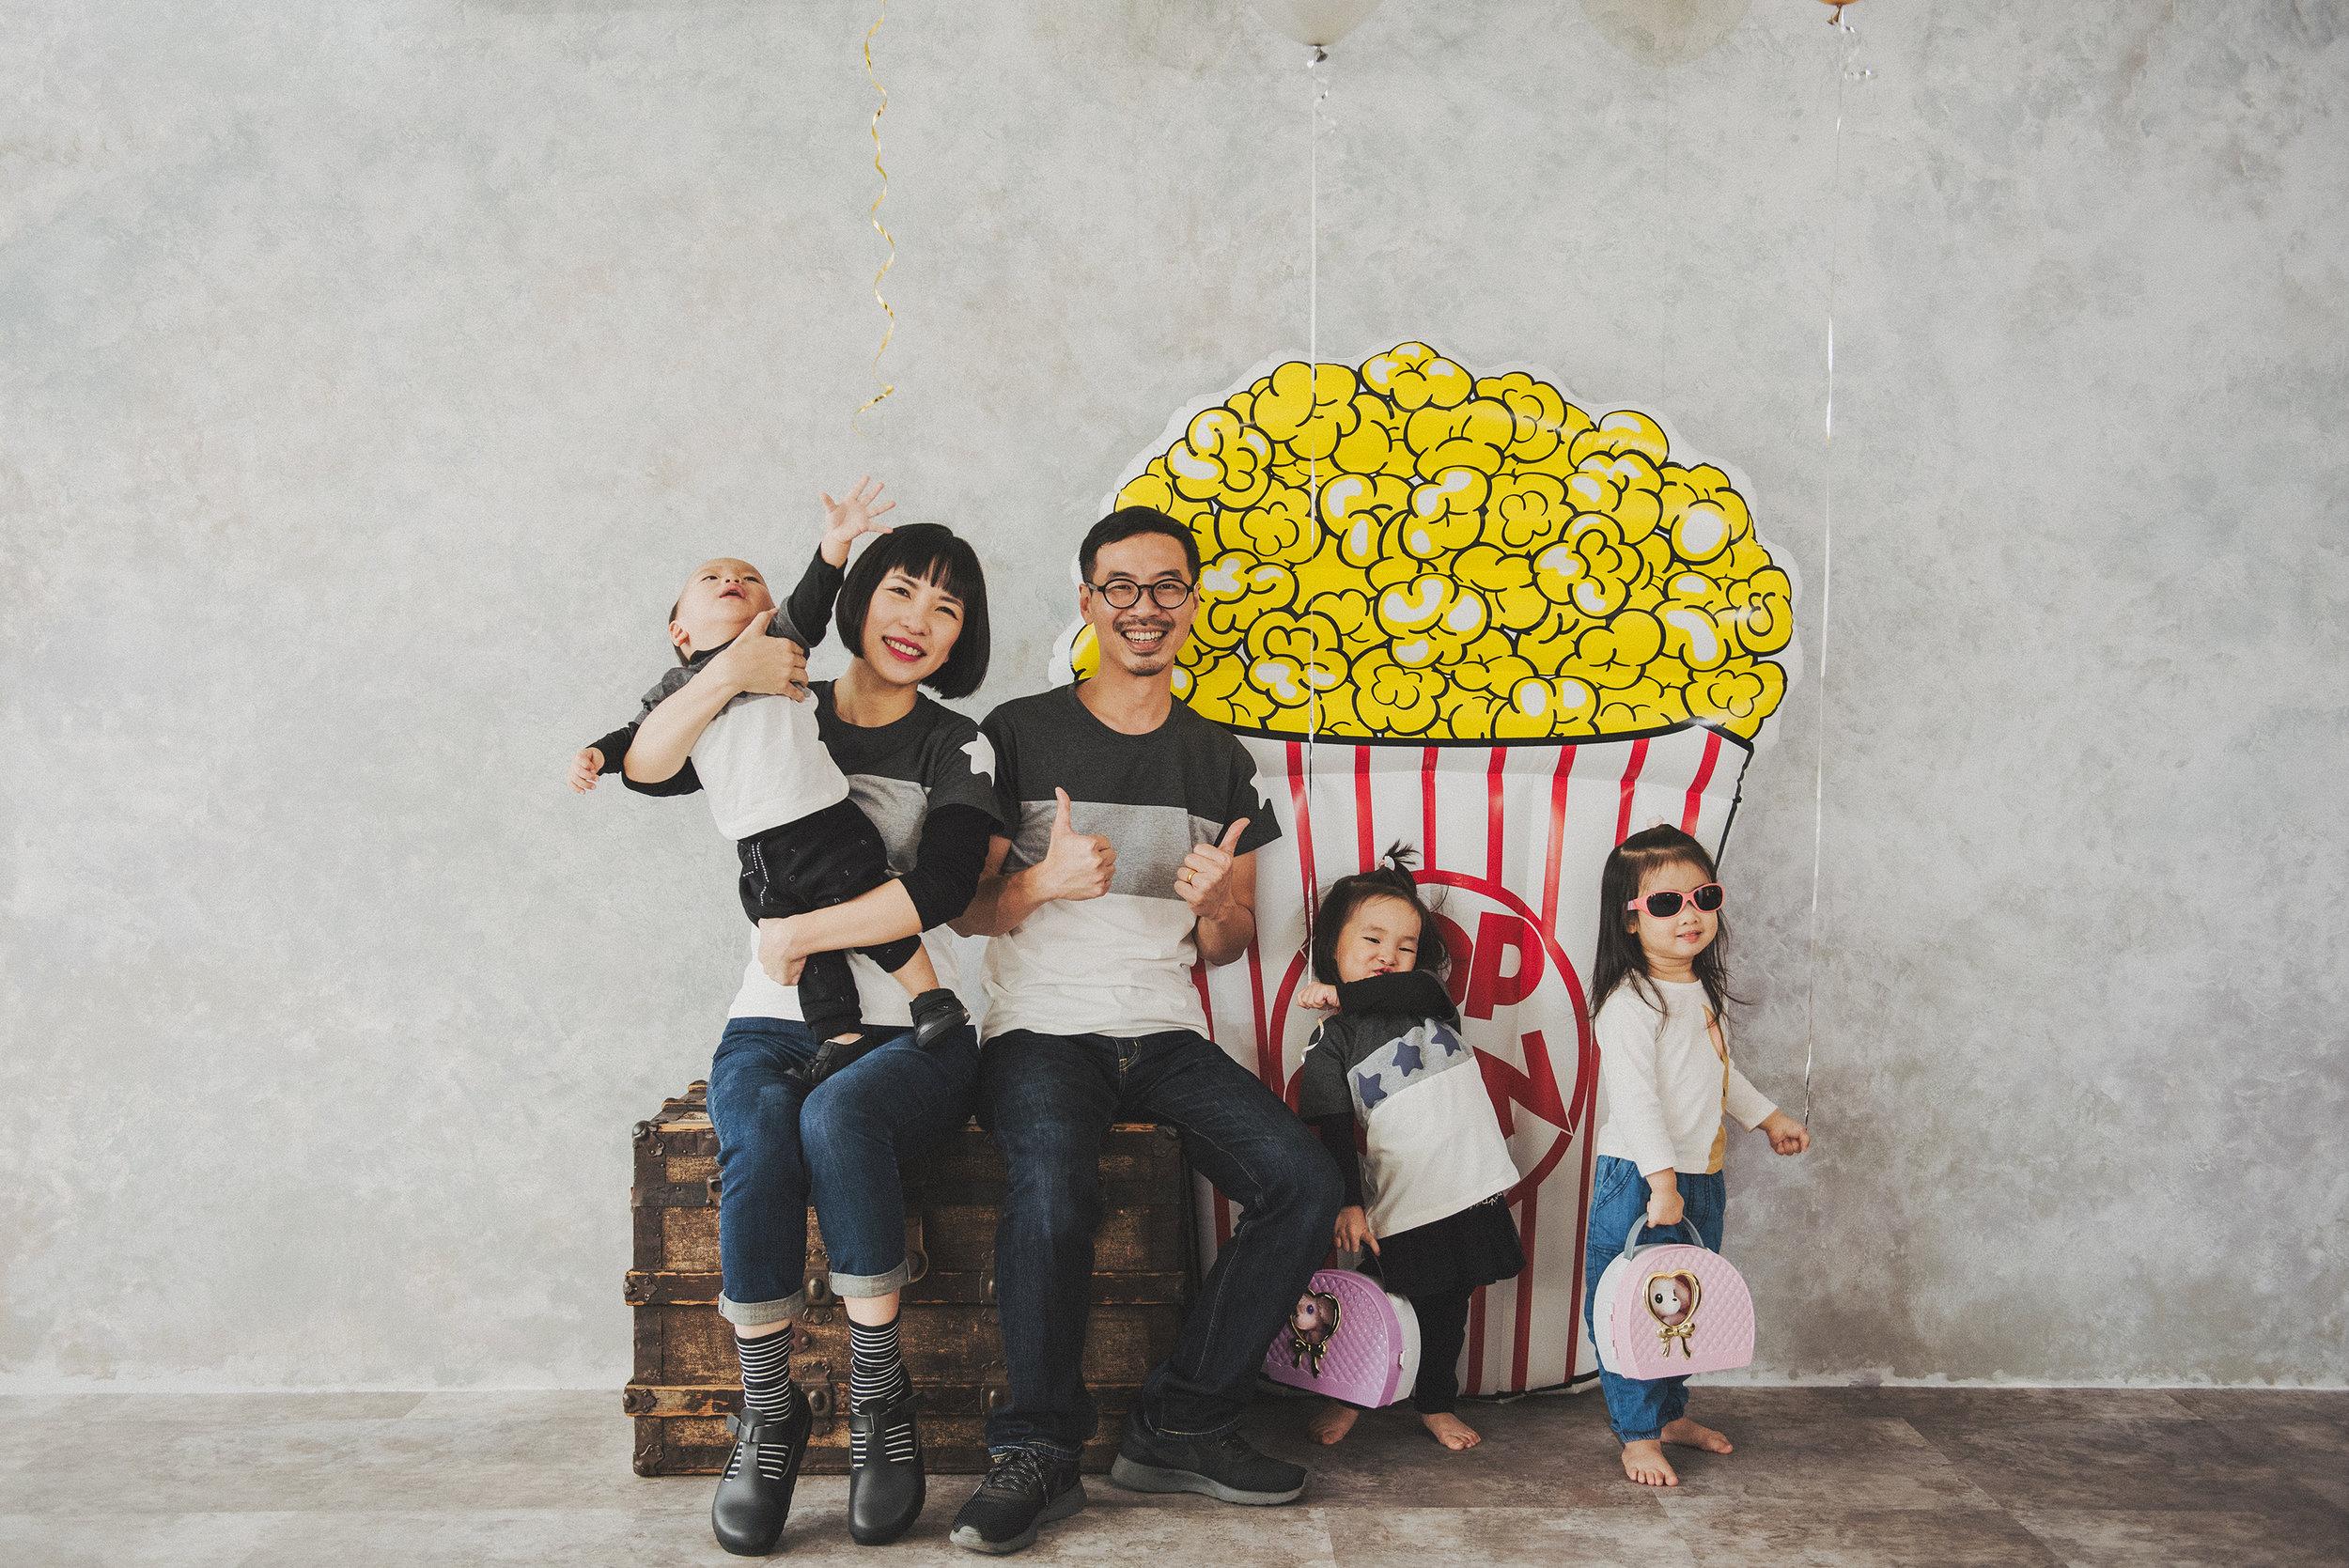 氣球的好處是可以誘惑小孩抓著拍照(目的只是為了定位?),就算是為了抓氣球而亂動的姿勢也是別有一翻趣味。